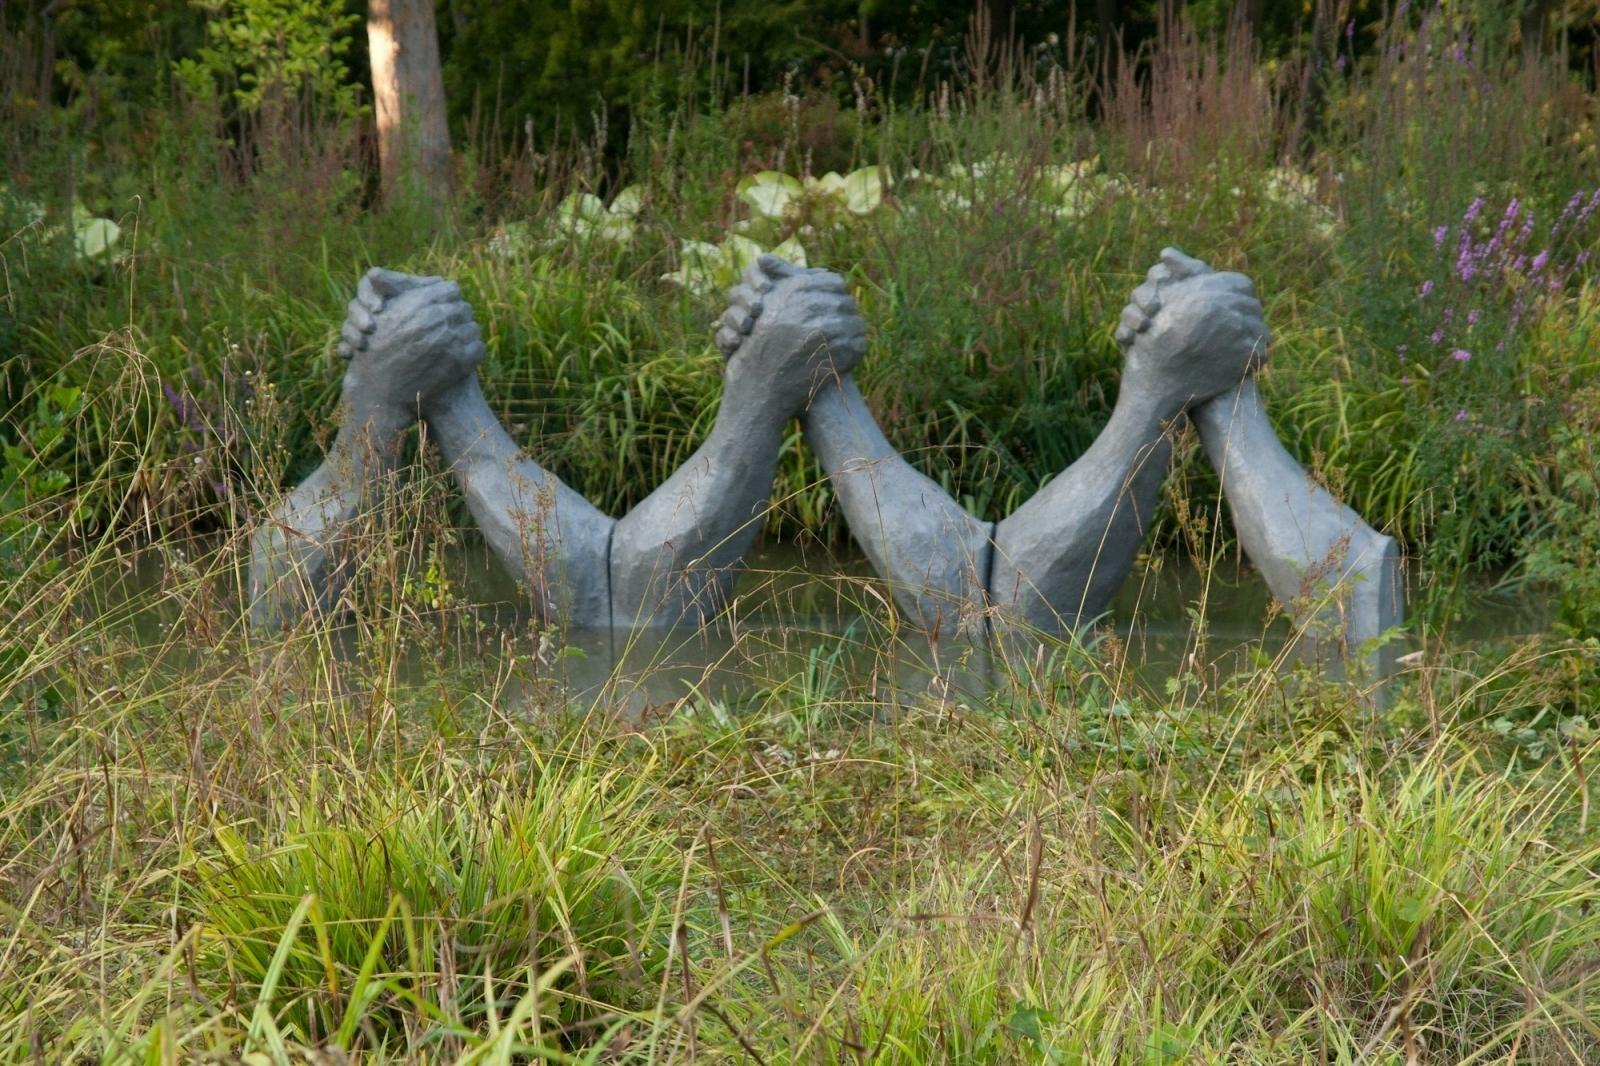 Fight Club, Bras de Fer, Polyester Resin, Concrete, Styrofoam, Steel, 150 cm x 180 cm x 60 cm x 3 elements, Biennale de Yerres, permanent collection, Parc Caillebotte, Yerres, 2012